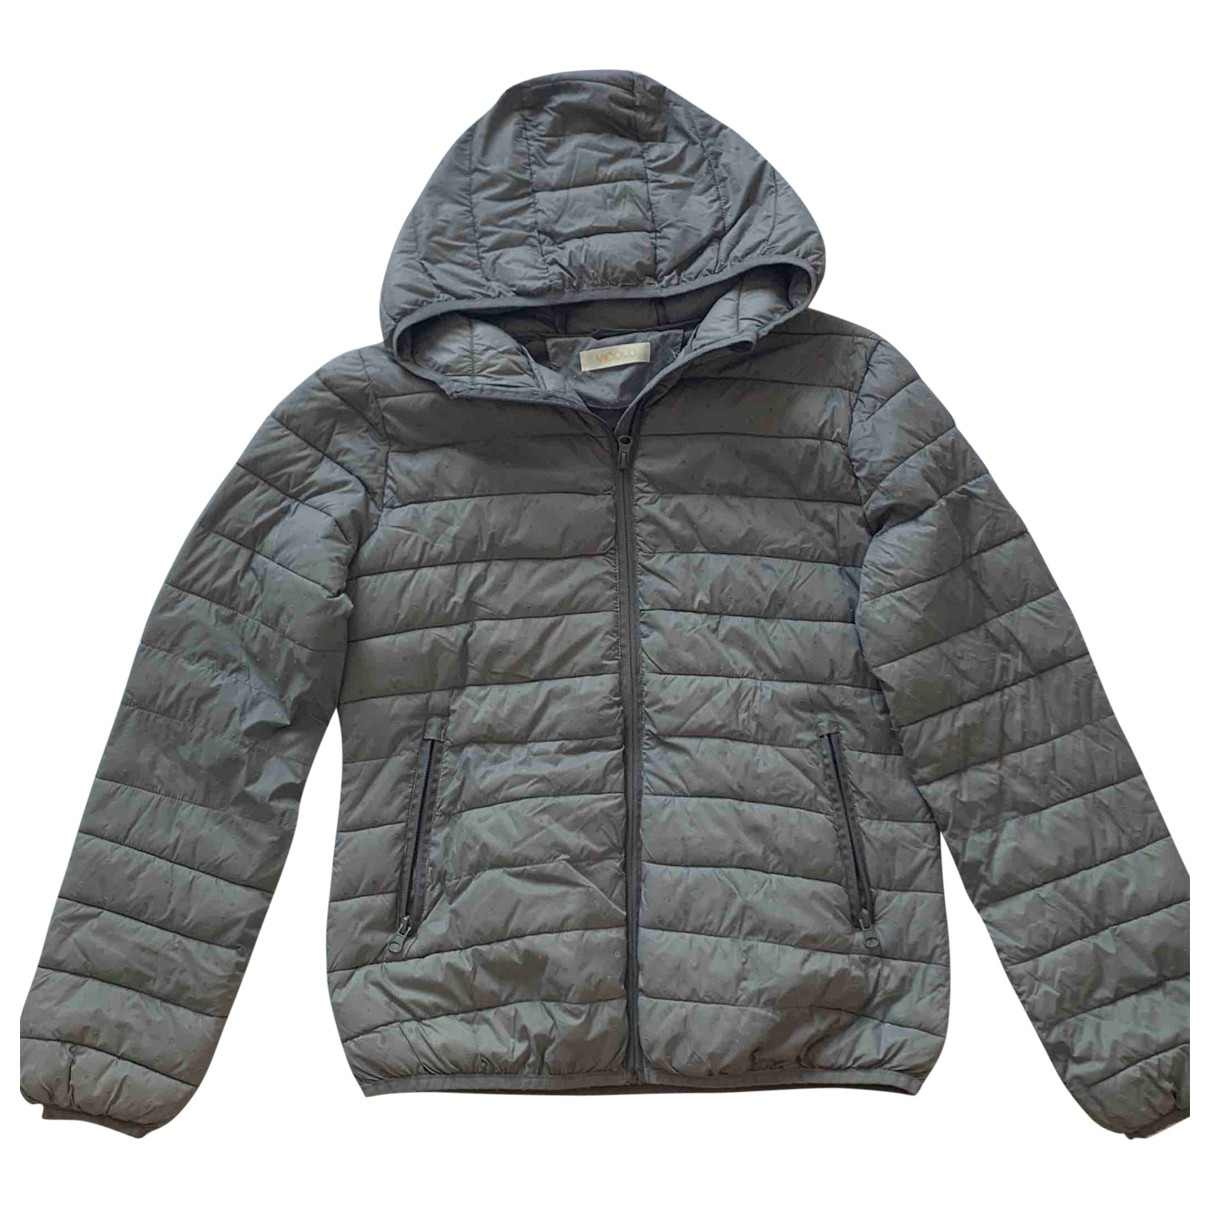 Vicolo \N Grey jacket for Women XL International